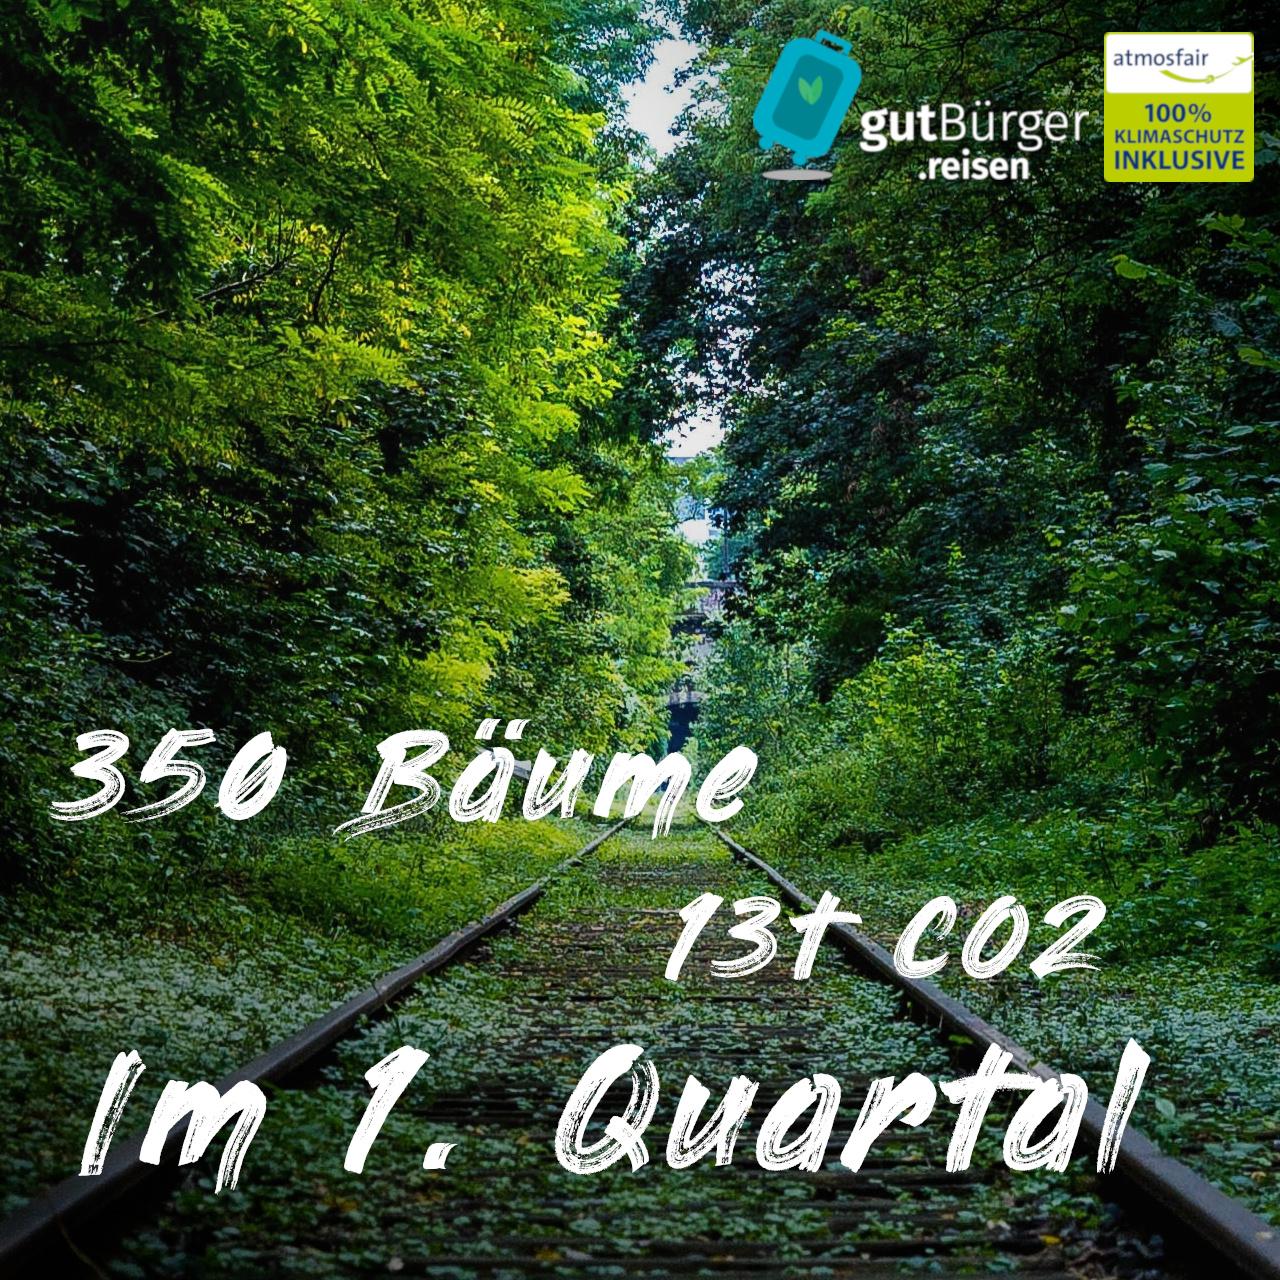 Durch gute Reisen: 350 Bäume, 13t CO2